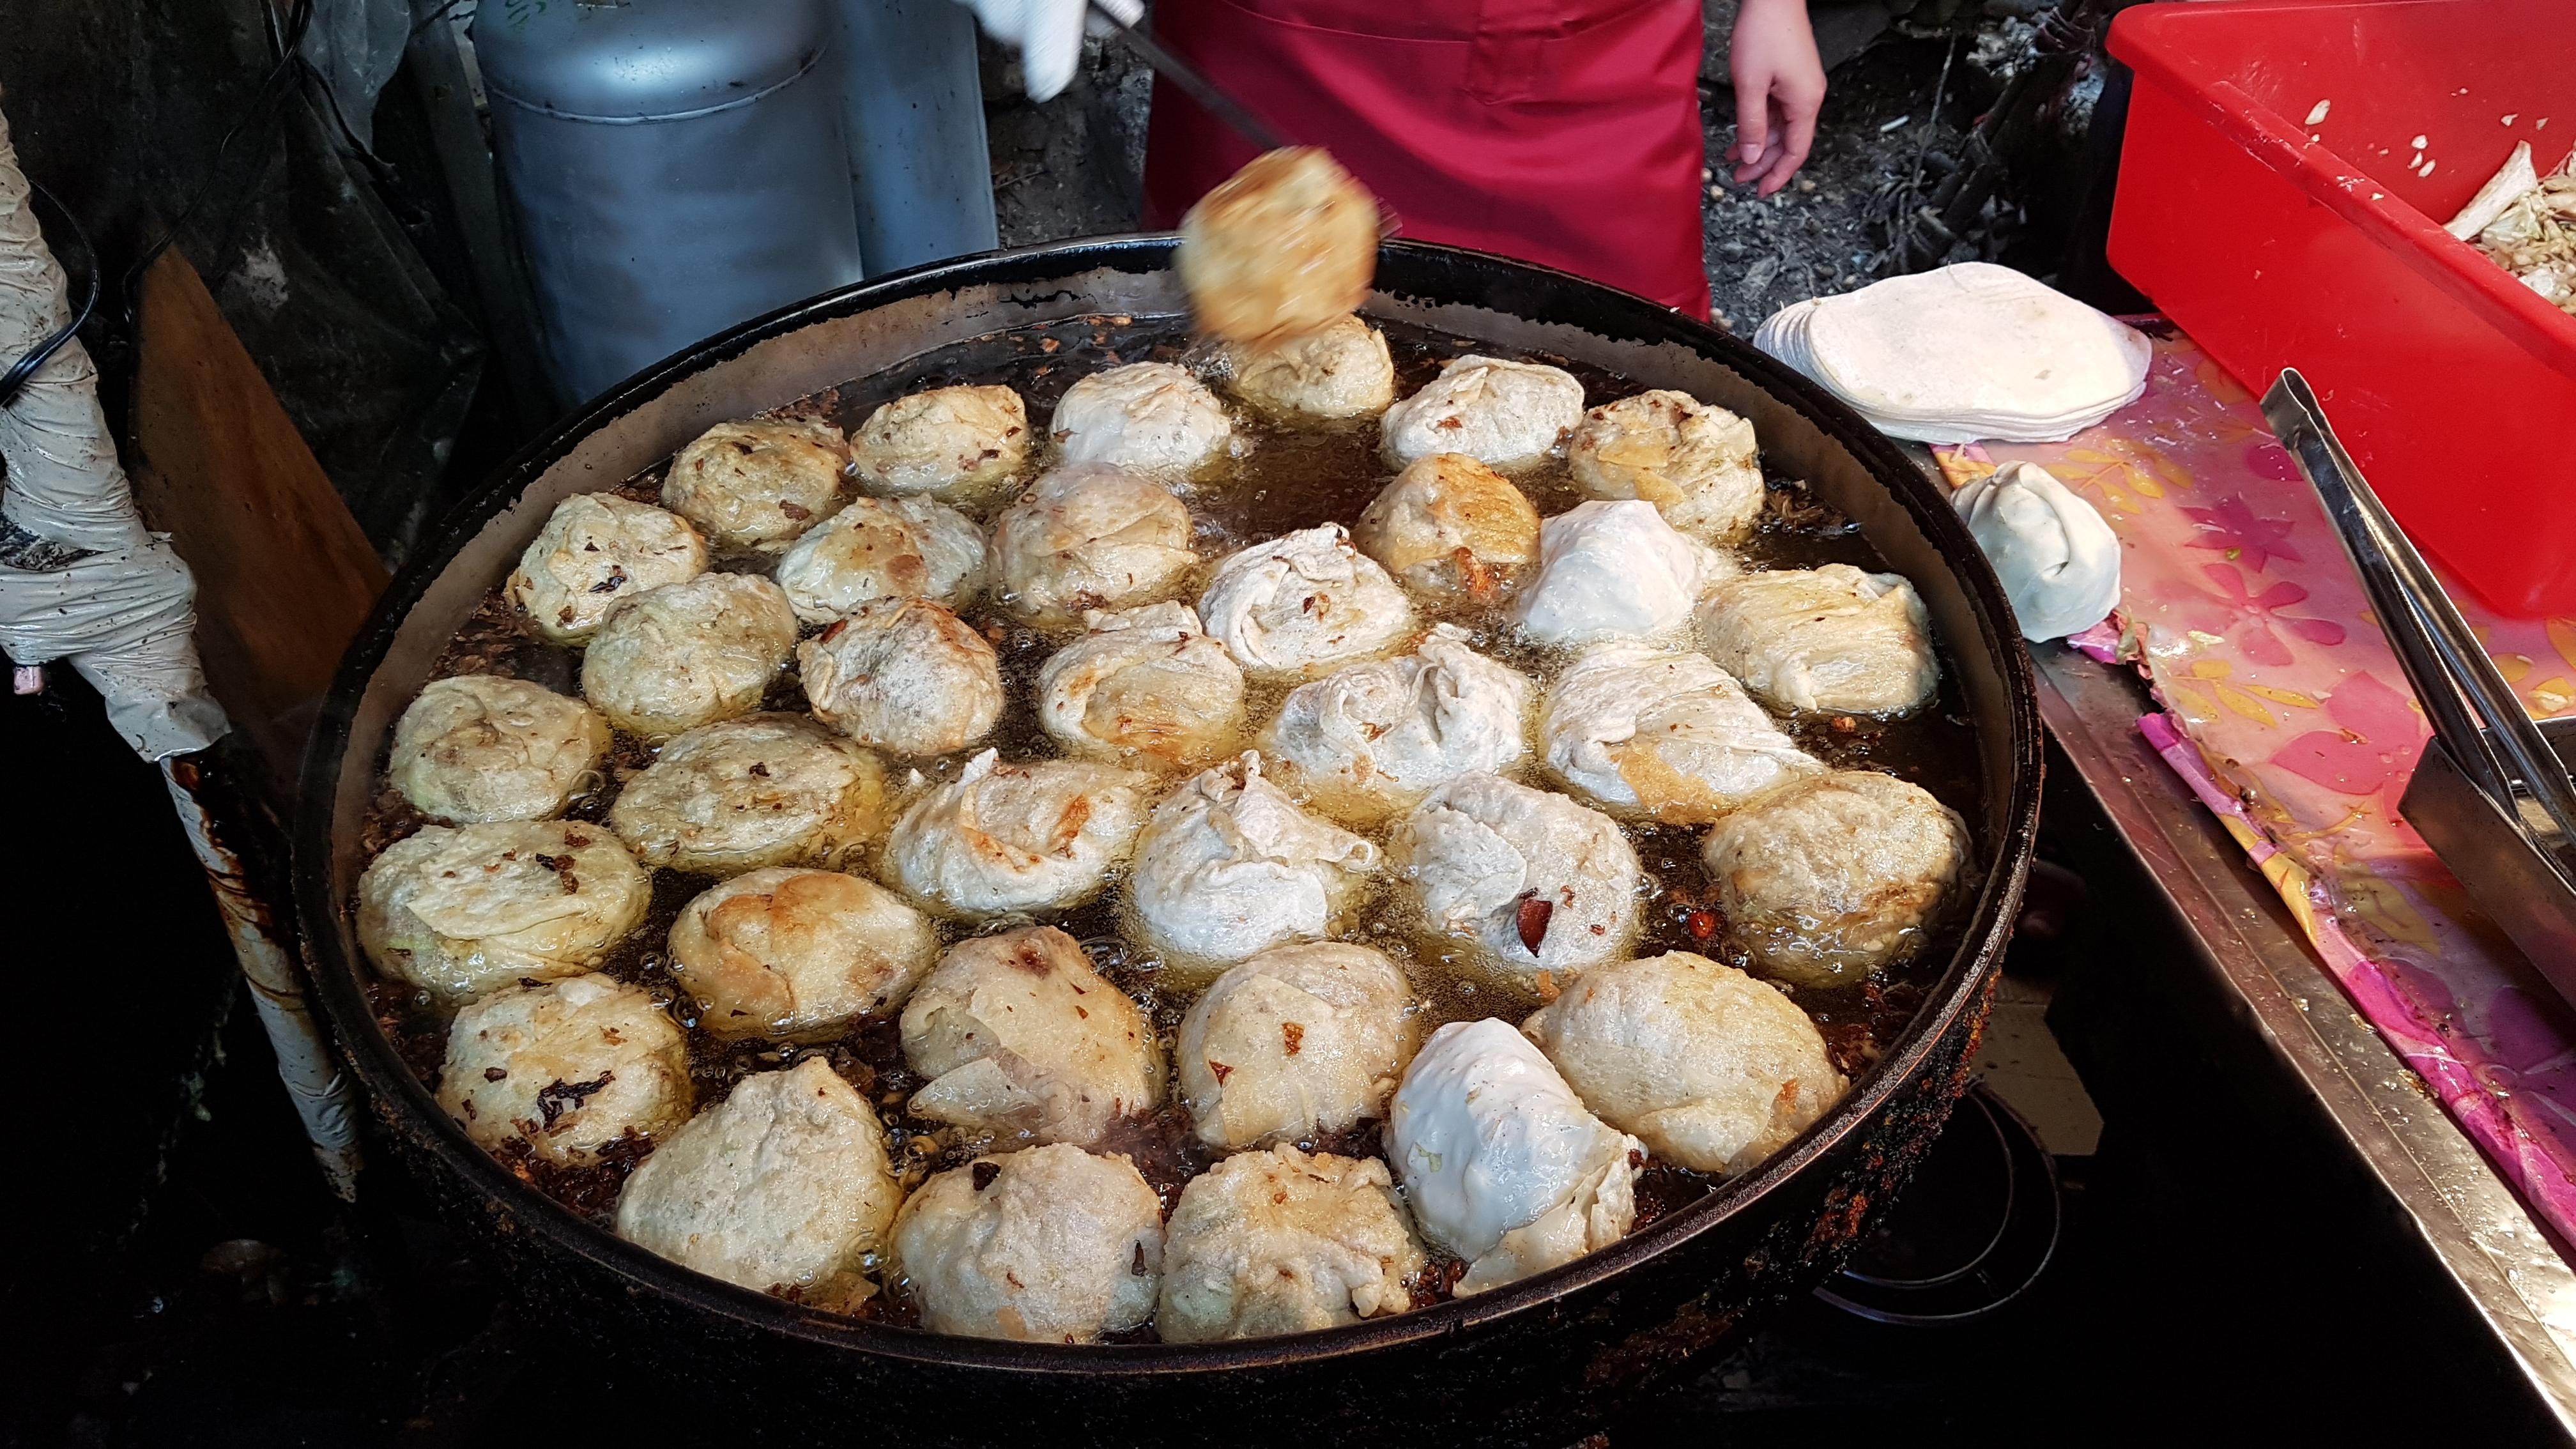 [대만] 호수 도시 르웨탄의 이다사오 항, 간식, 개구리 알 차, 개구리알 음료, 개왕만두, 계란 치즈, 계란 후라이, 고기잡이 배, 곤도라, 곤돌라, 기념품, 꿀, 니하오 앵무새, 대만, 떡 구이, 로프웨이, 르웨탄, 르웨탄 생선 튀김, 르웨탄 케이블카, 말하는 앵무새, 멧돼지 소세지, 버섯 만두, 부엉이, 부족민, 비취색, 산 속 호수, 산돼지 버거, 산돼지 소세지, 산돼지 소시지, 생선 튀김, 샤오츠, 셀프 서비스, 수이서, 술빵, 시장, 아마씨, 앵무새, 야채 만두, 양배추 만두, 양봉, 왕 튀김만두, 왕만두, 원주민, 이다사오, 이다사오 항, 이다샤오, 일월담, 잡고기 튀김, 즉석 생선 튀김, 케이블카, 튀김 왕만두, 헬로우 앵무세, 호수 도시